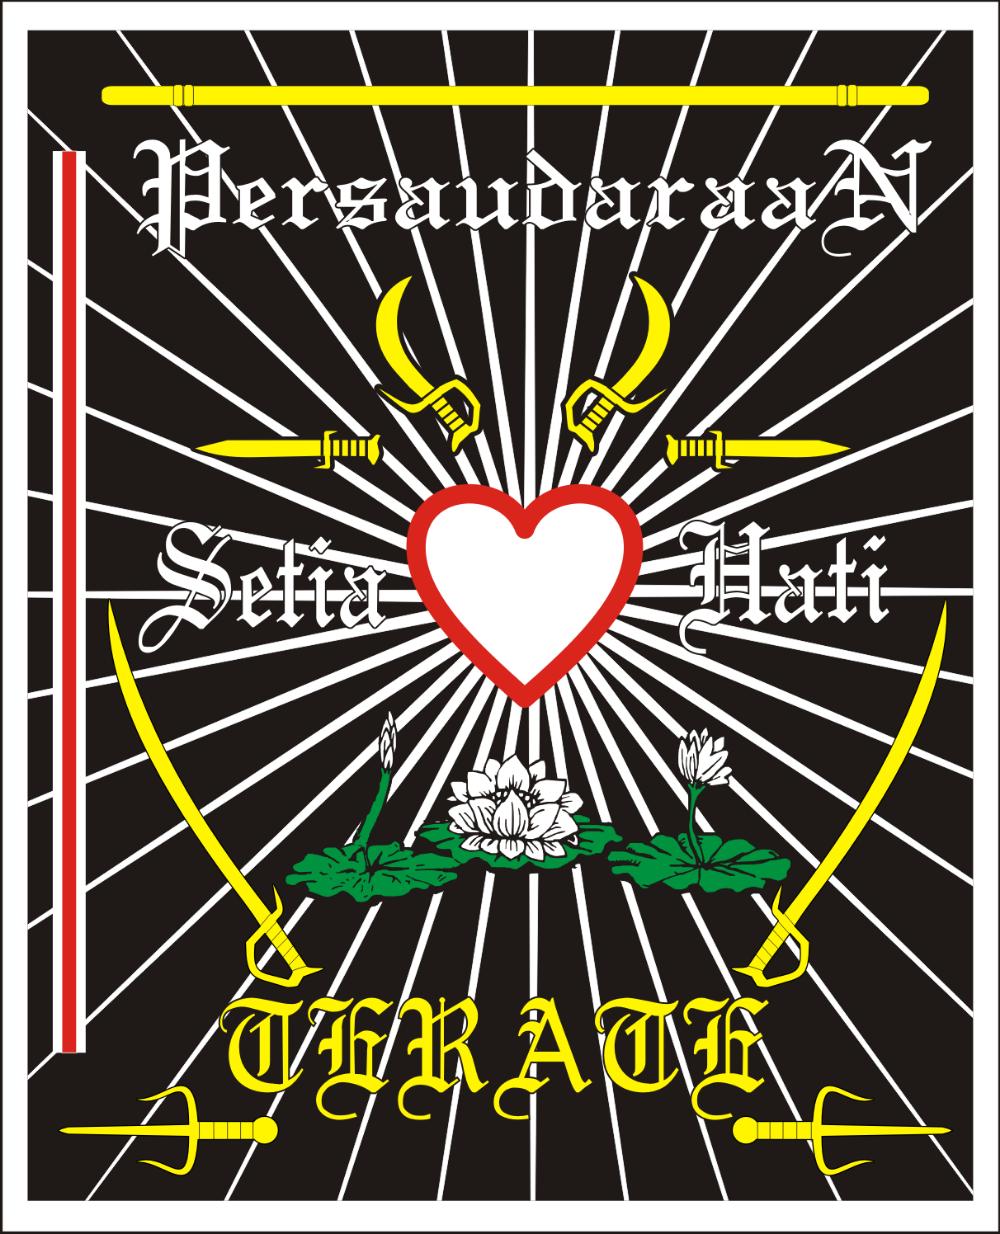 Logo Persaudaraan Setia Hati Terate Psht Seni Bela Diri Gambar Ilustrasi Vektor